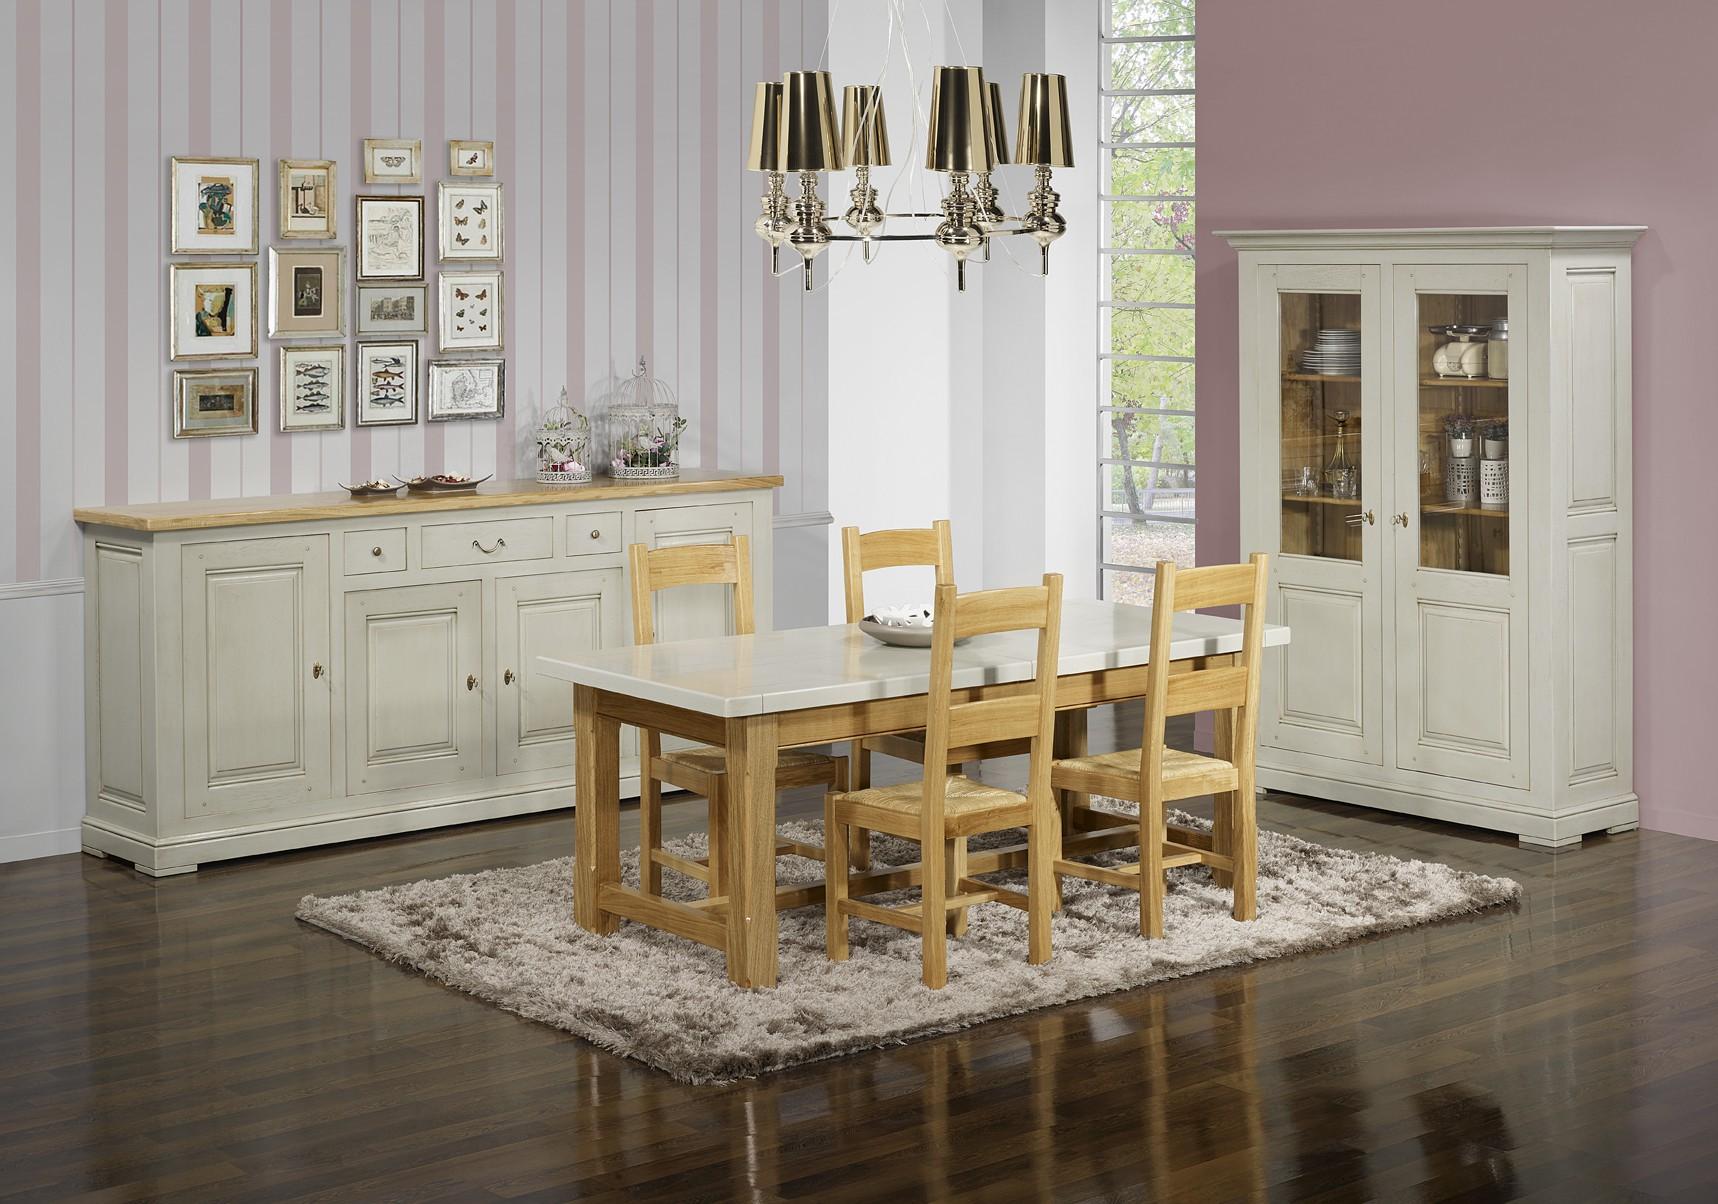 Salle manger ch ne massif blanc et ch ne 180 280 cm for Salle a manger meubles